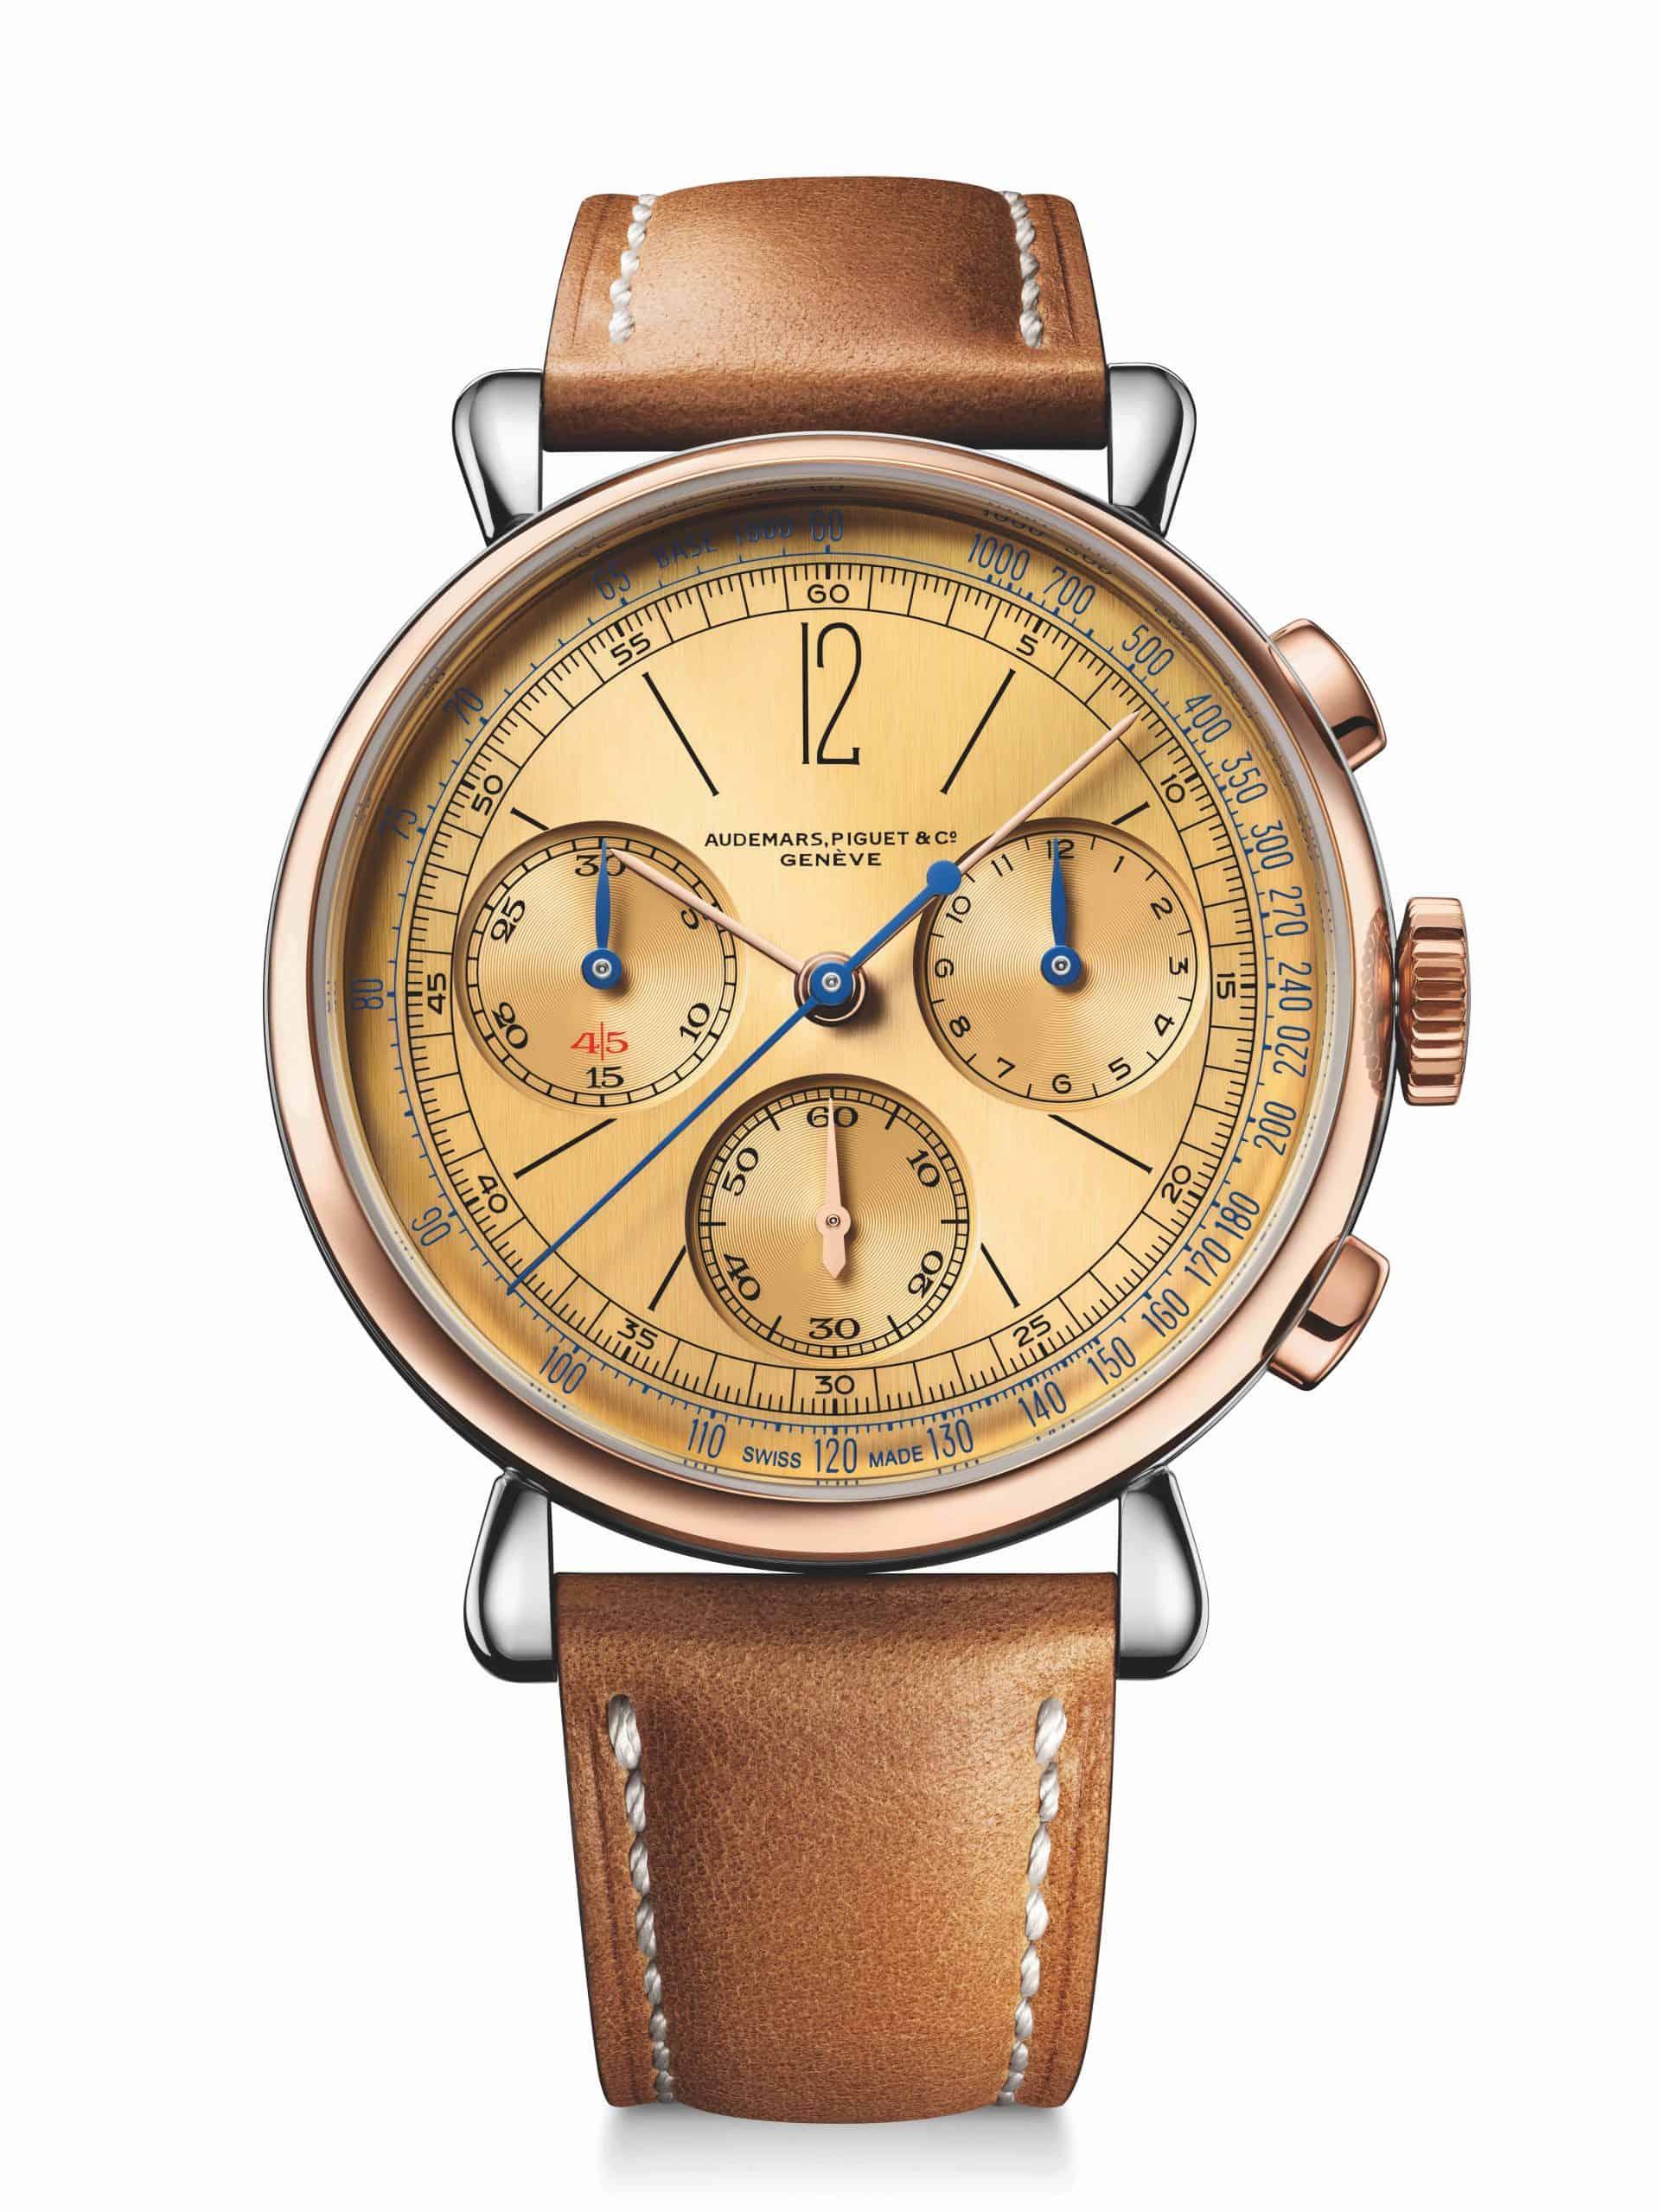 Audemars Piguet Remaster 01 Chronograph Automatik